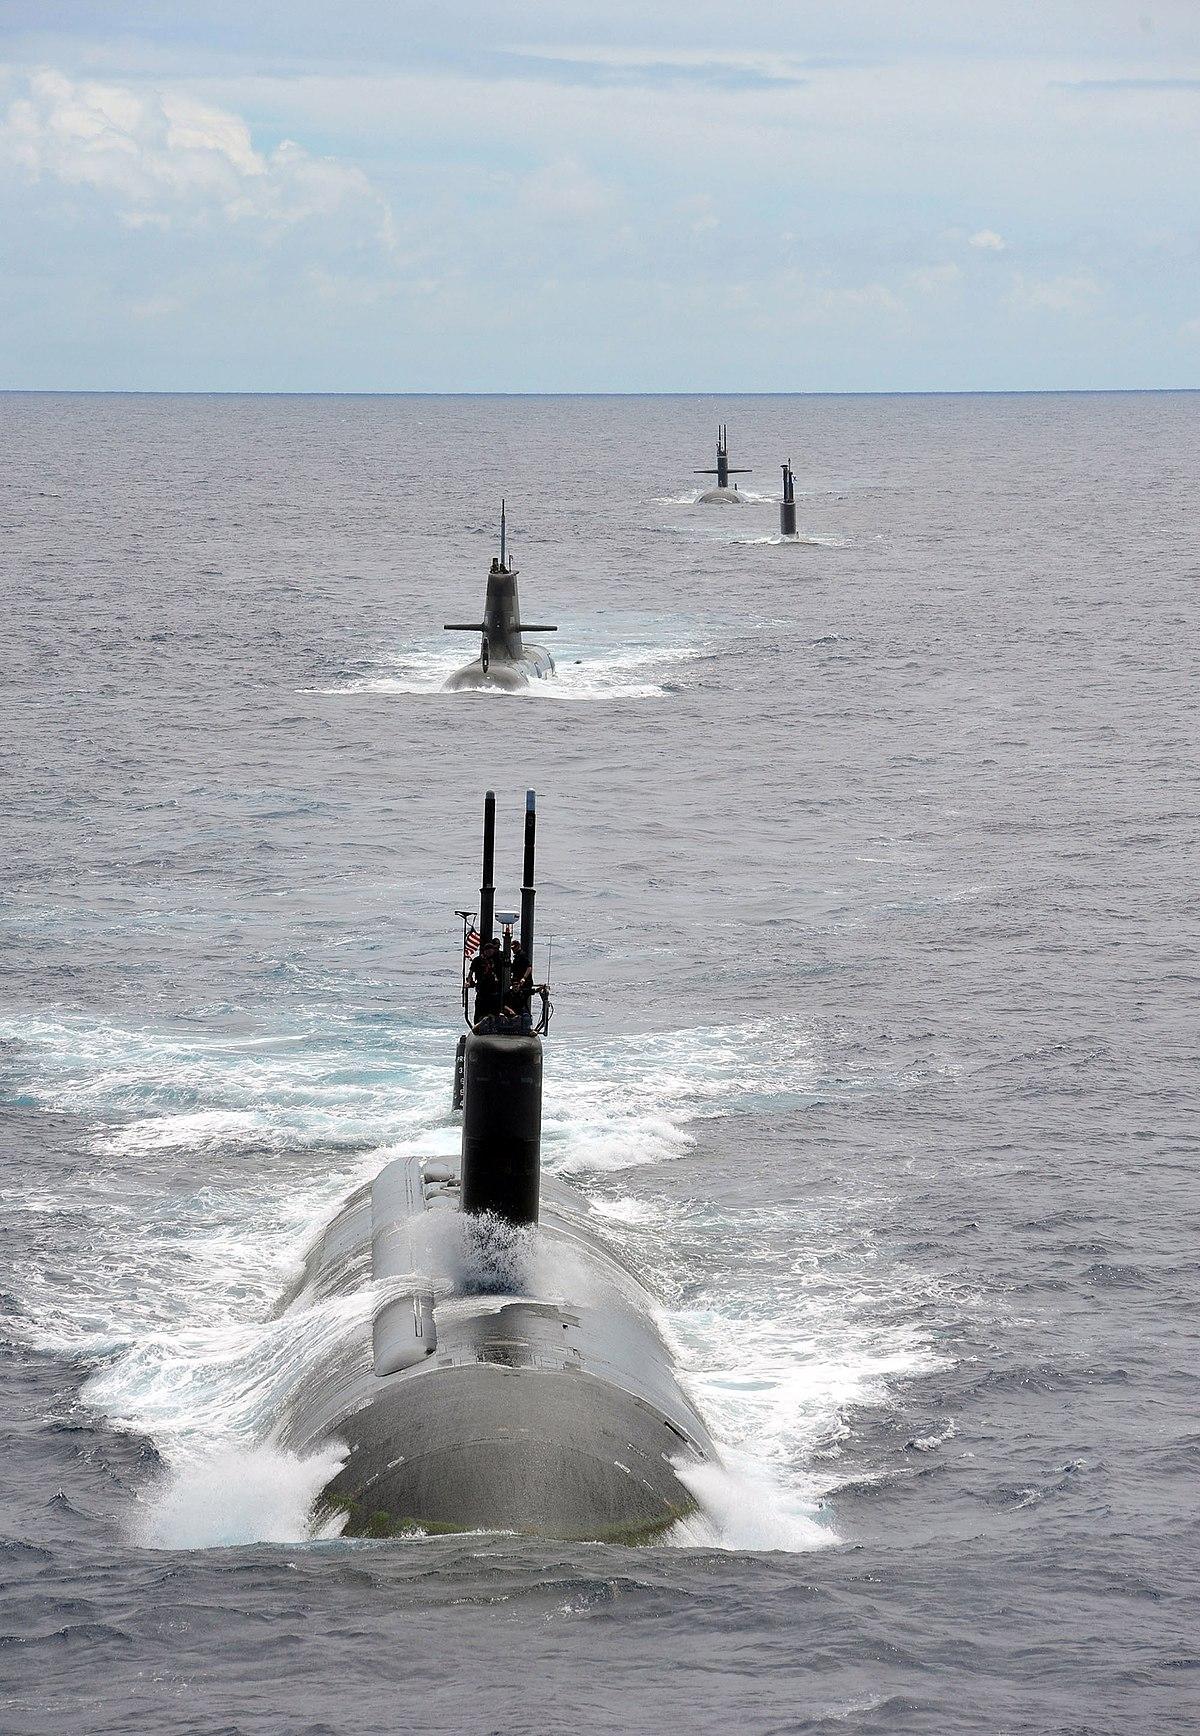 Le Plus Grand Sous Marin Du Monde : grand, marin, monde, Forces, Sous-marines, Wikipédia